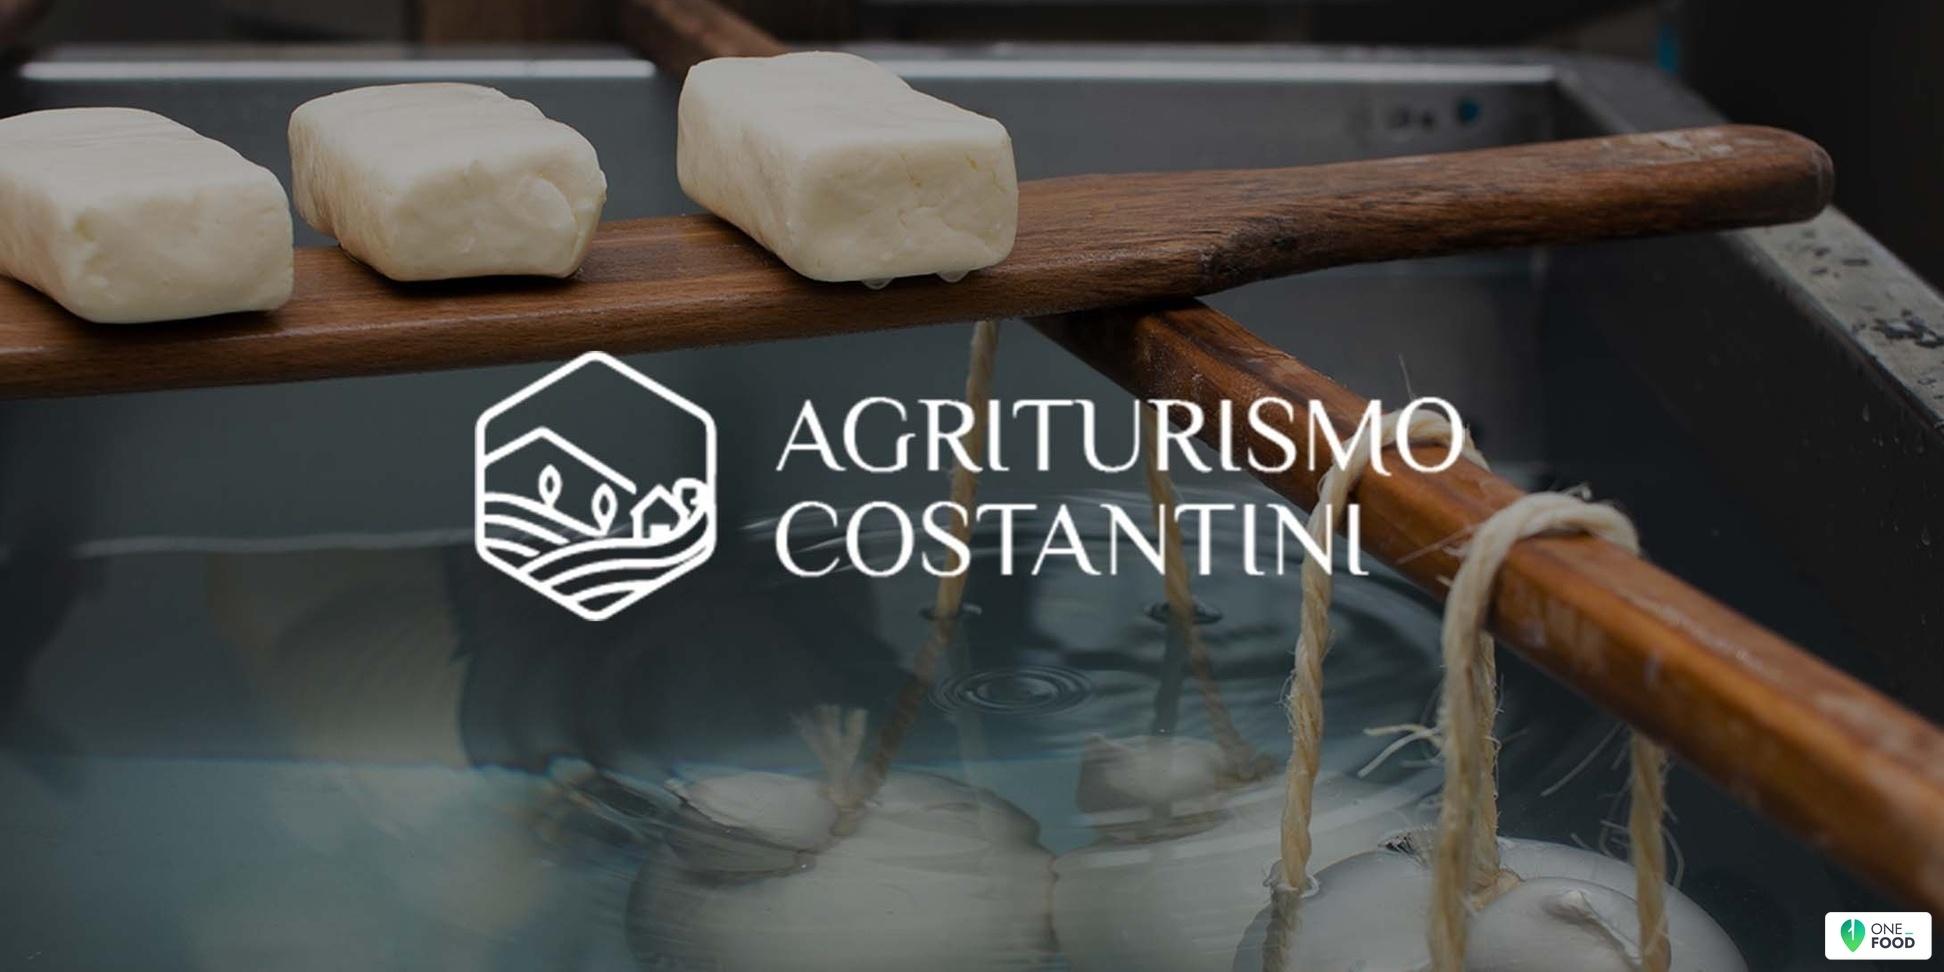 Agriturismo Costantini